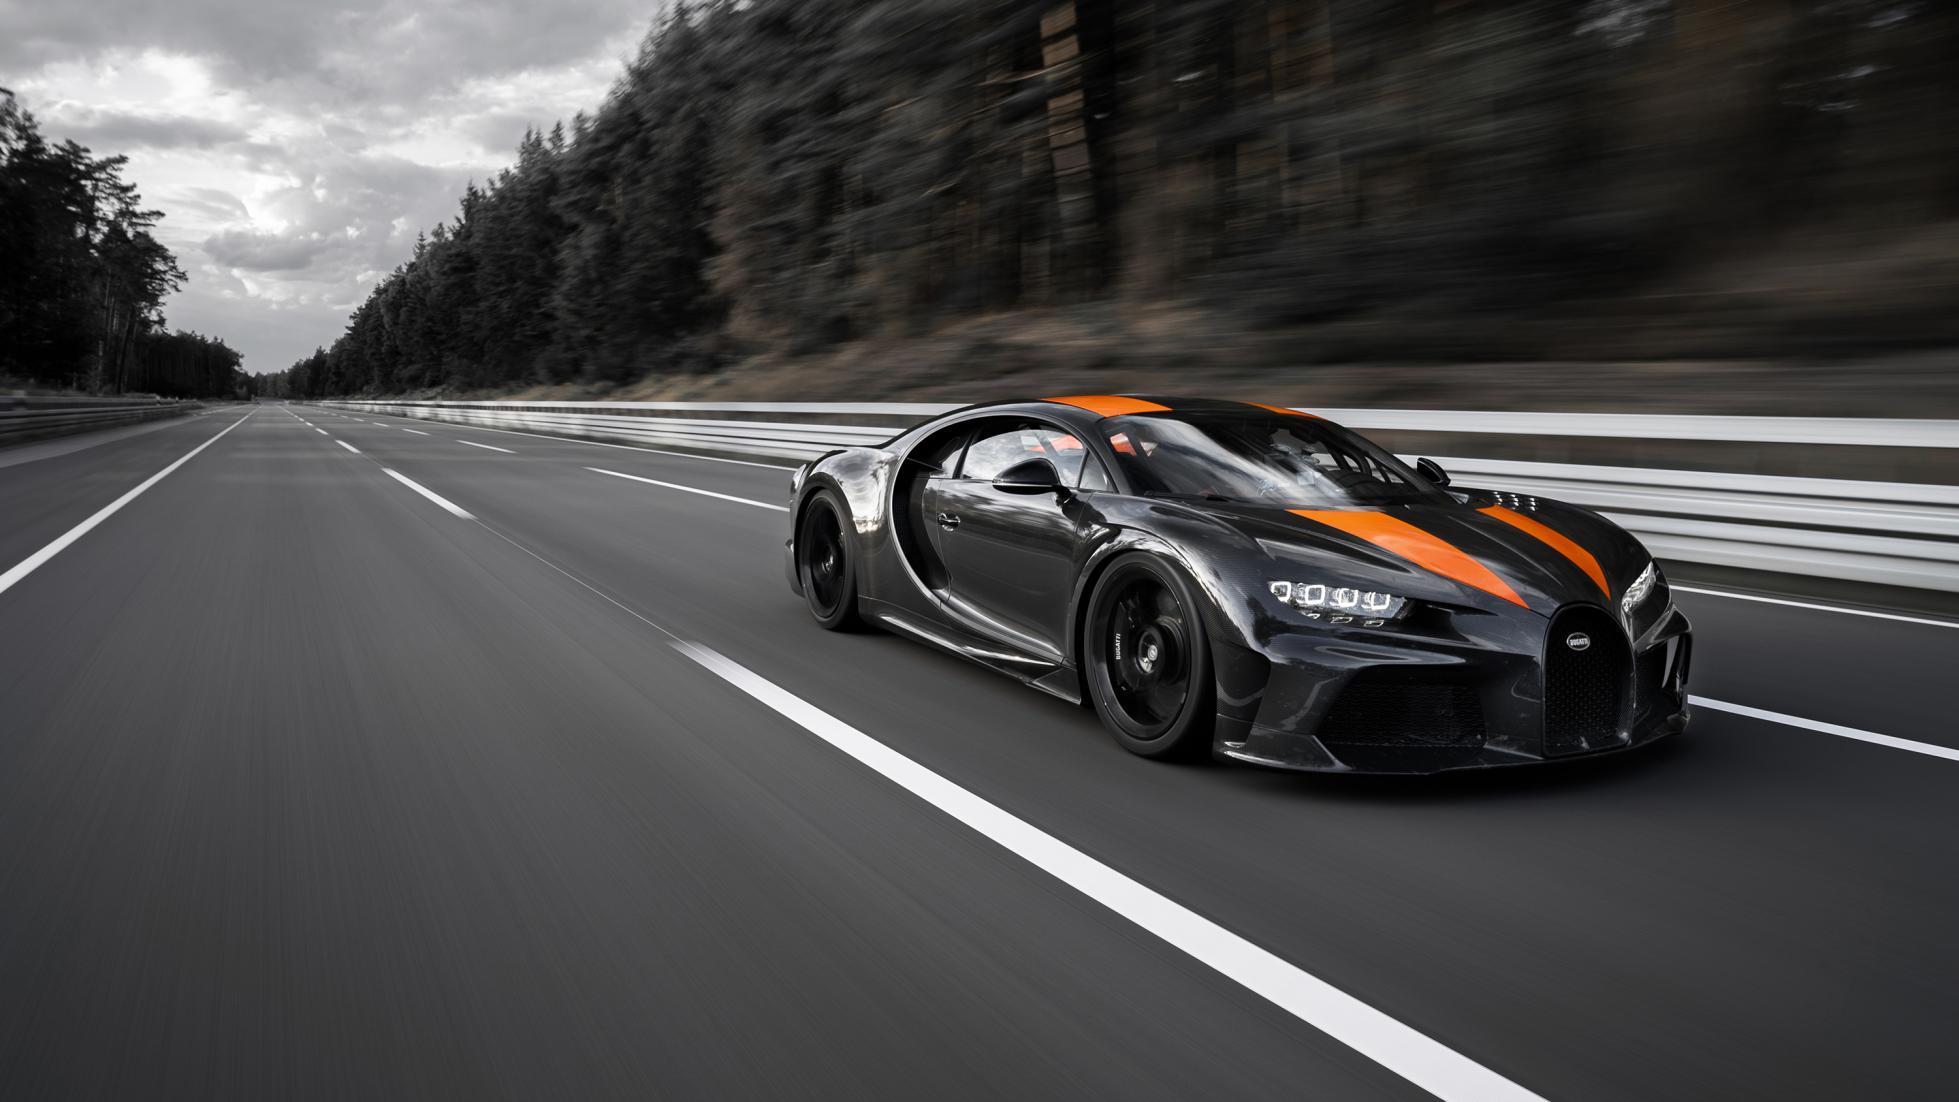 Bugatti breaks the 300mph barrier